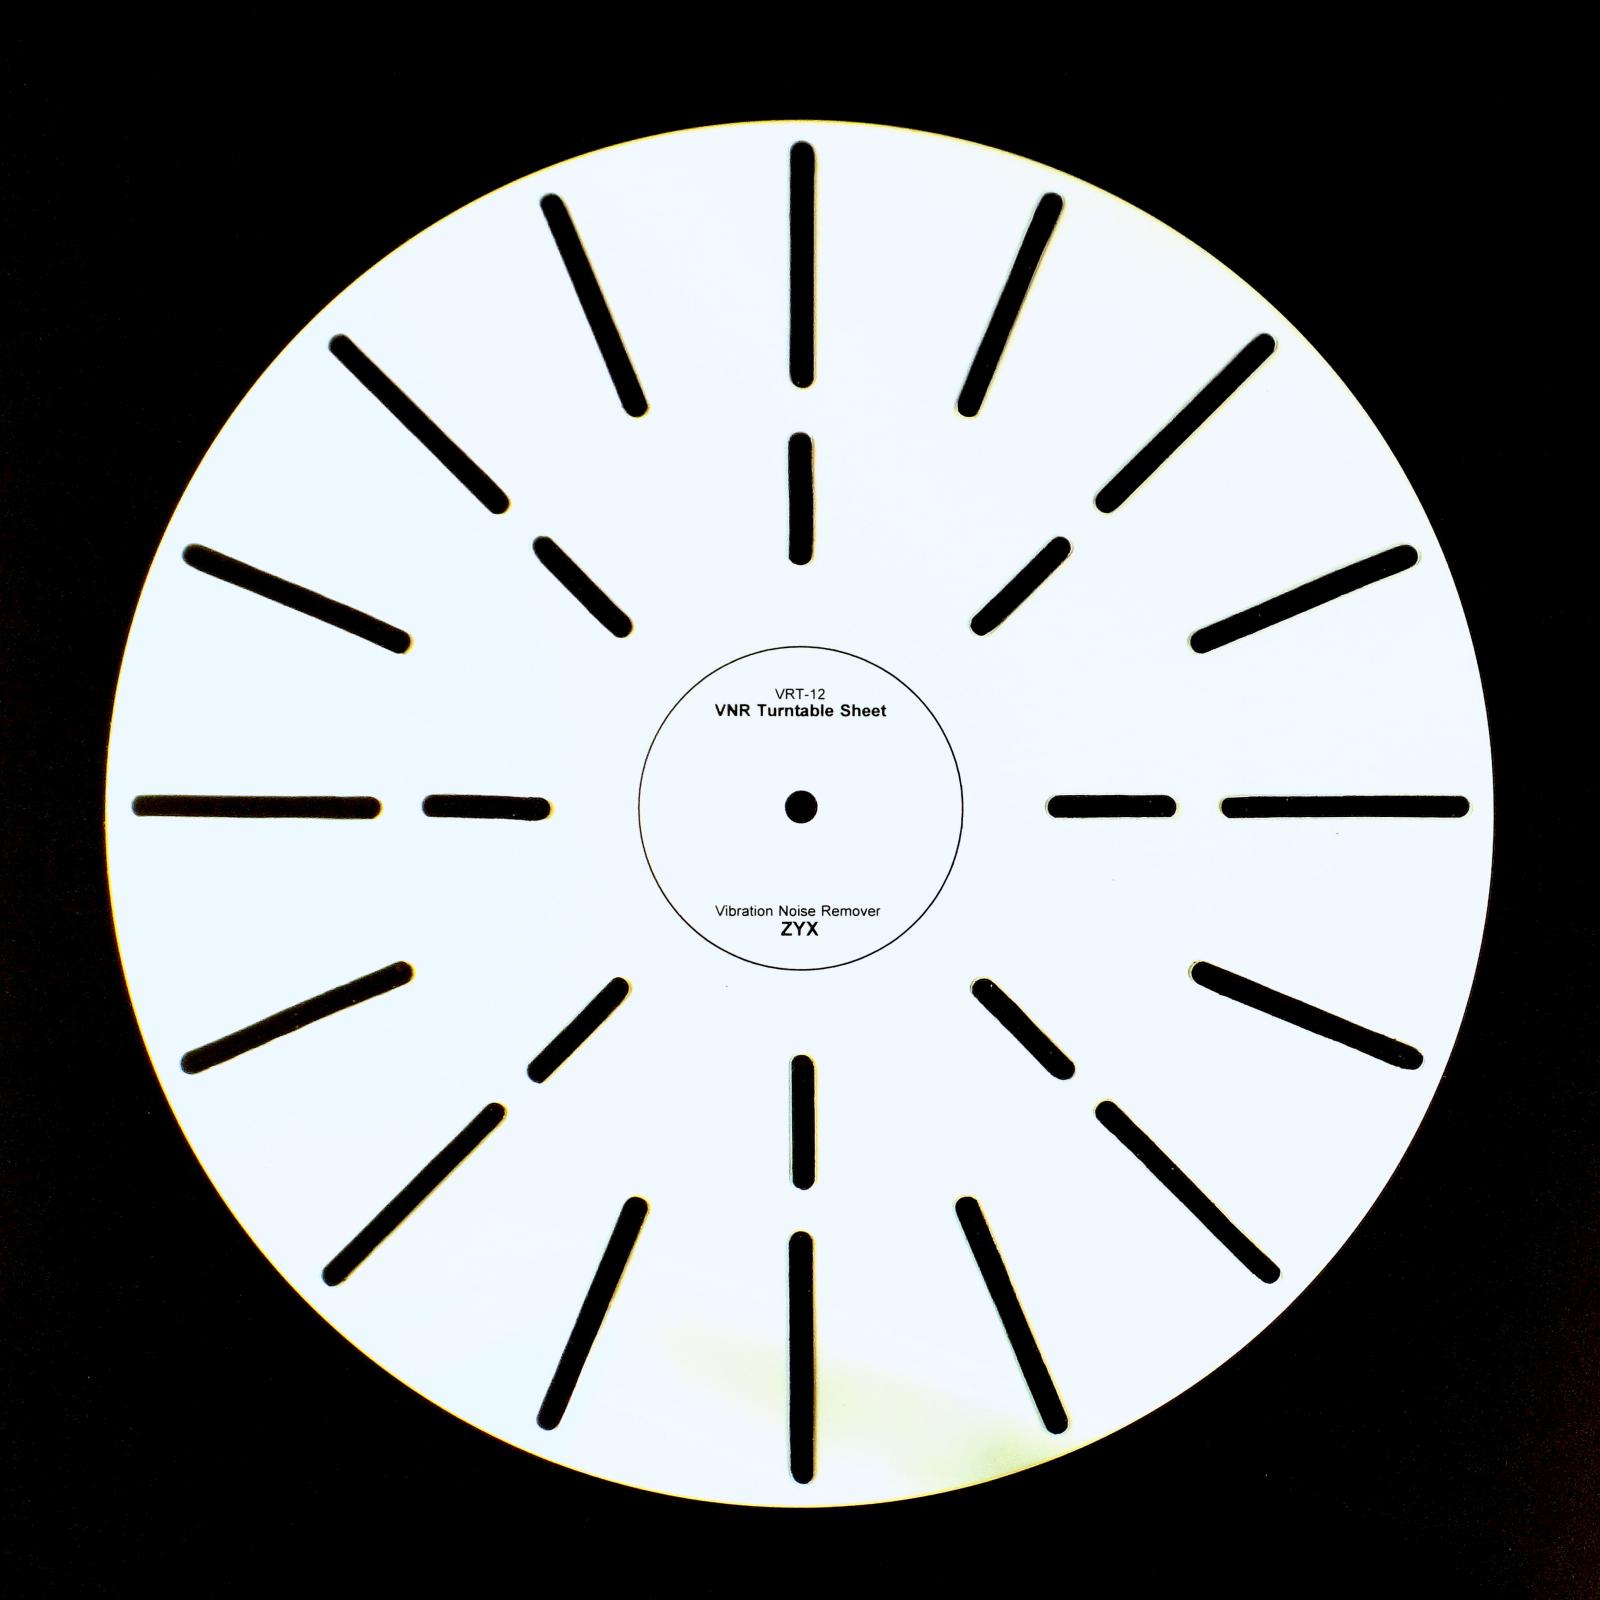 ZYX ジックス VRT-12 VNR Turntable Sheet (Vibration Noise Remover) ターンテーブルシート